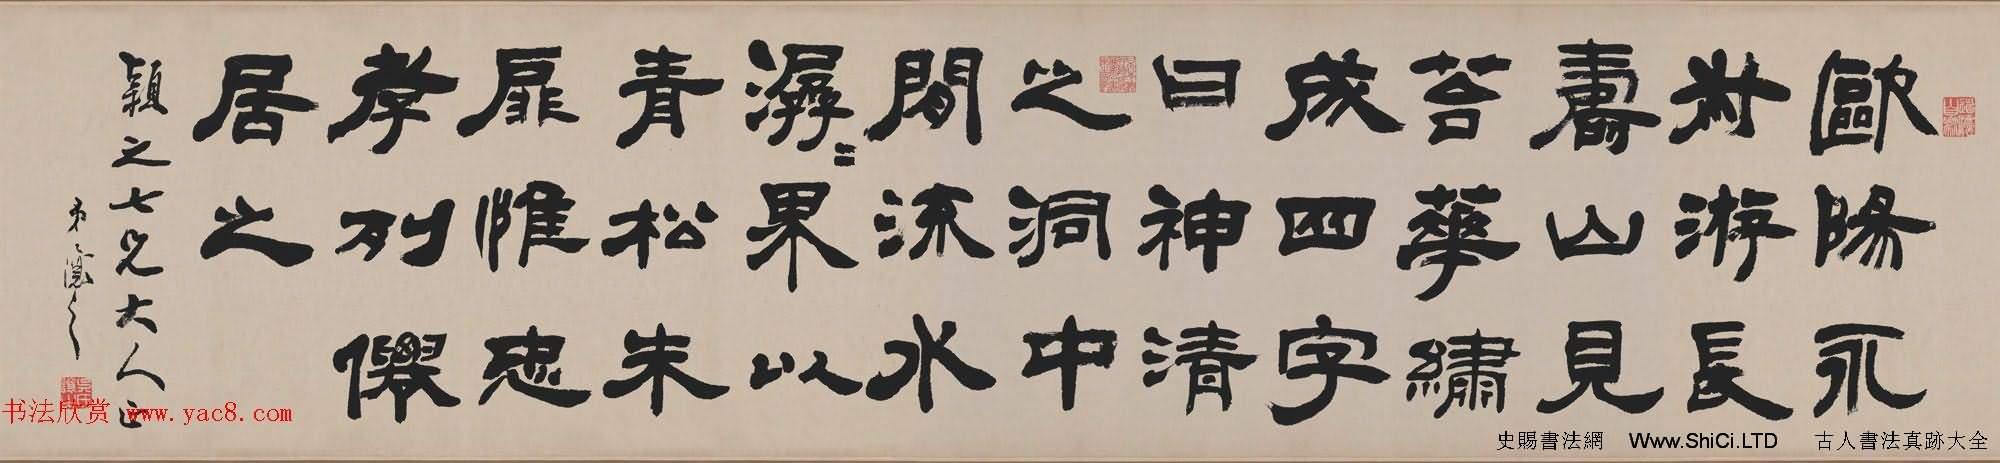 清代吳熙載隸書作品真跡歐陽永叔卷高清TIF(共8張圖片)